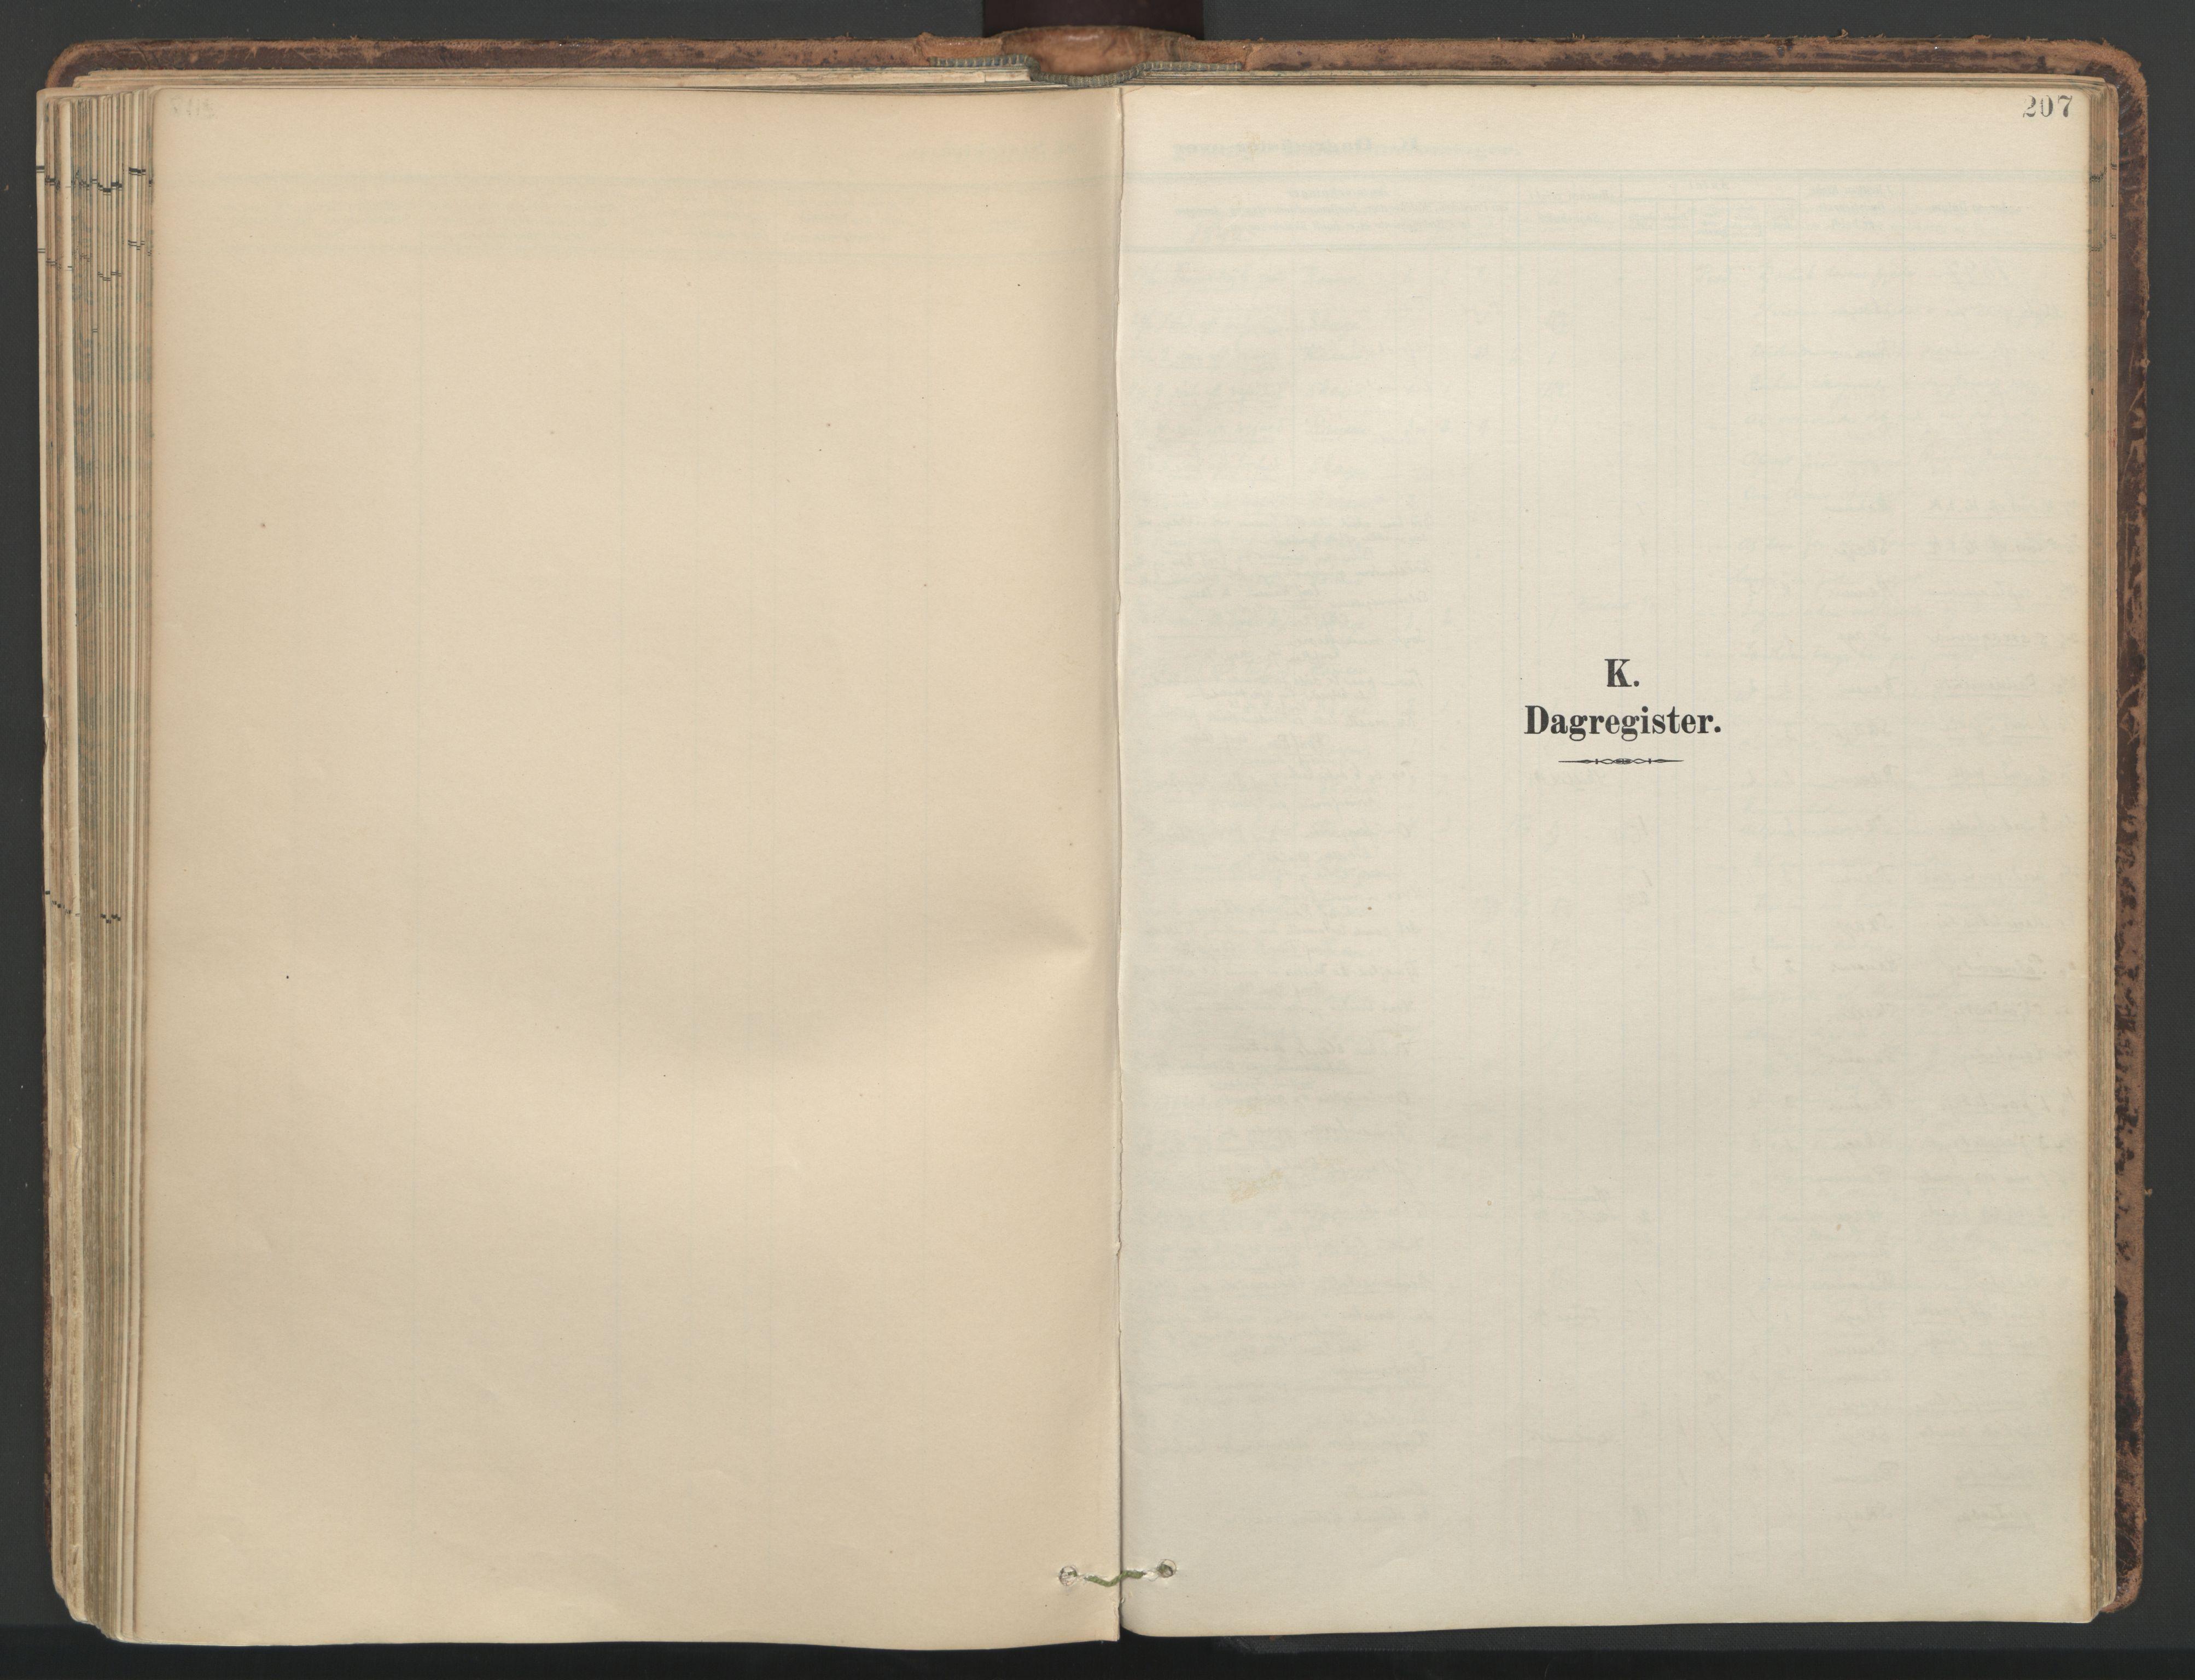 SAT, Ministerialprotokoller, klokkerbøker og fødselsregistre - Nord-Trøndelag, 764/L0556: Ministerialbok nr. 764A11, 1897-1924, s. 207